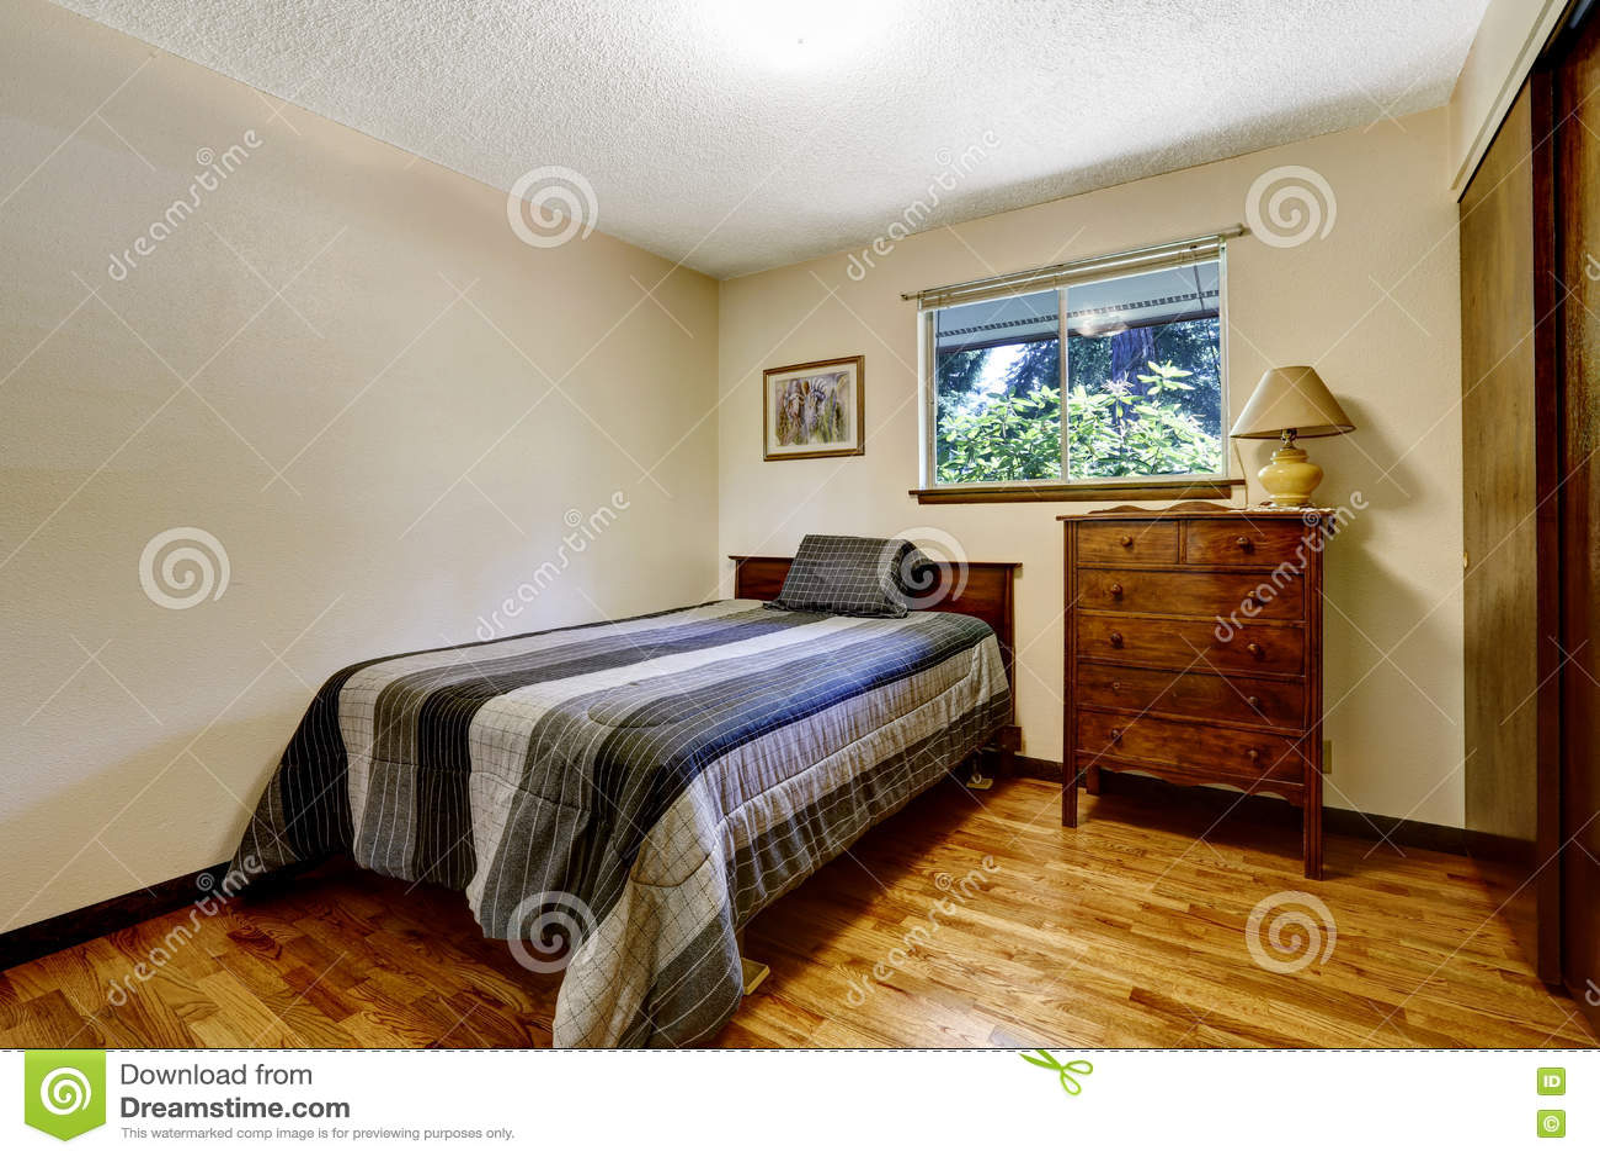 Einfaches Amerikanisches Schlafzimmer Mit Massivholzboden Stockfoto ...